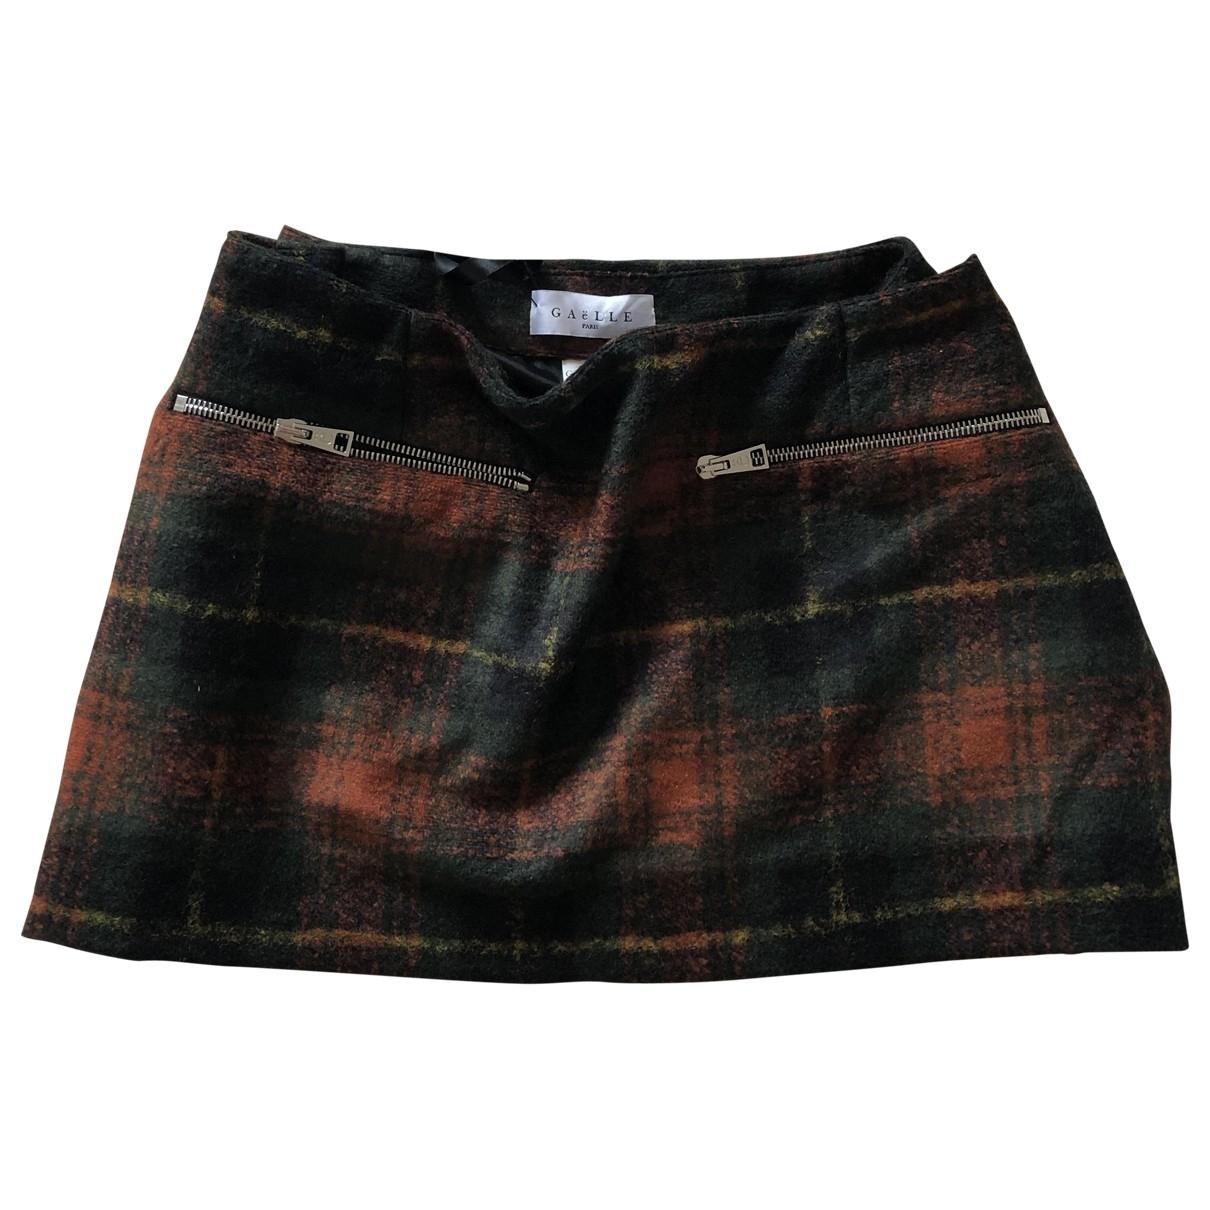 Mini falda Gaelle Paris